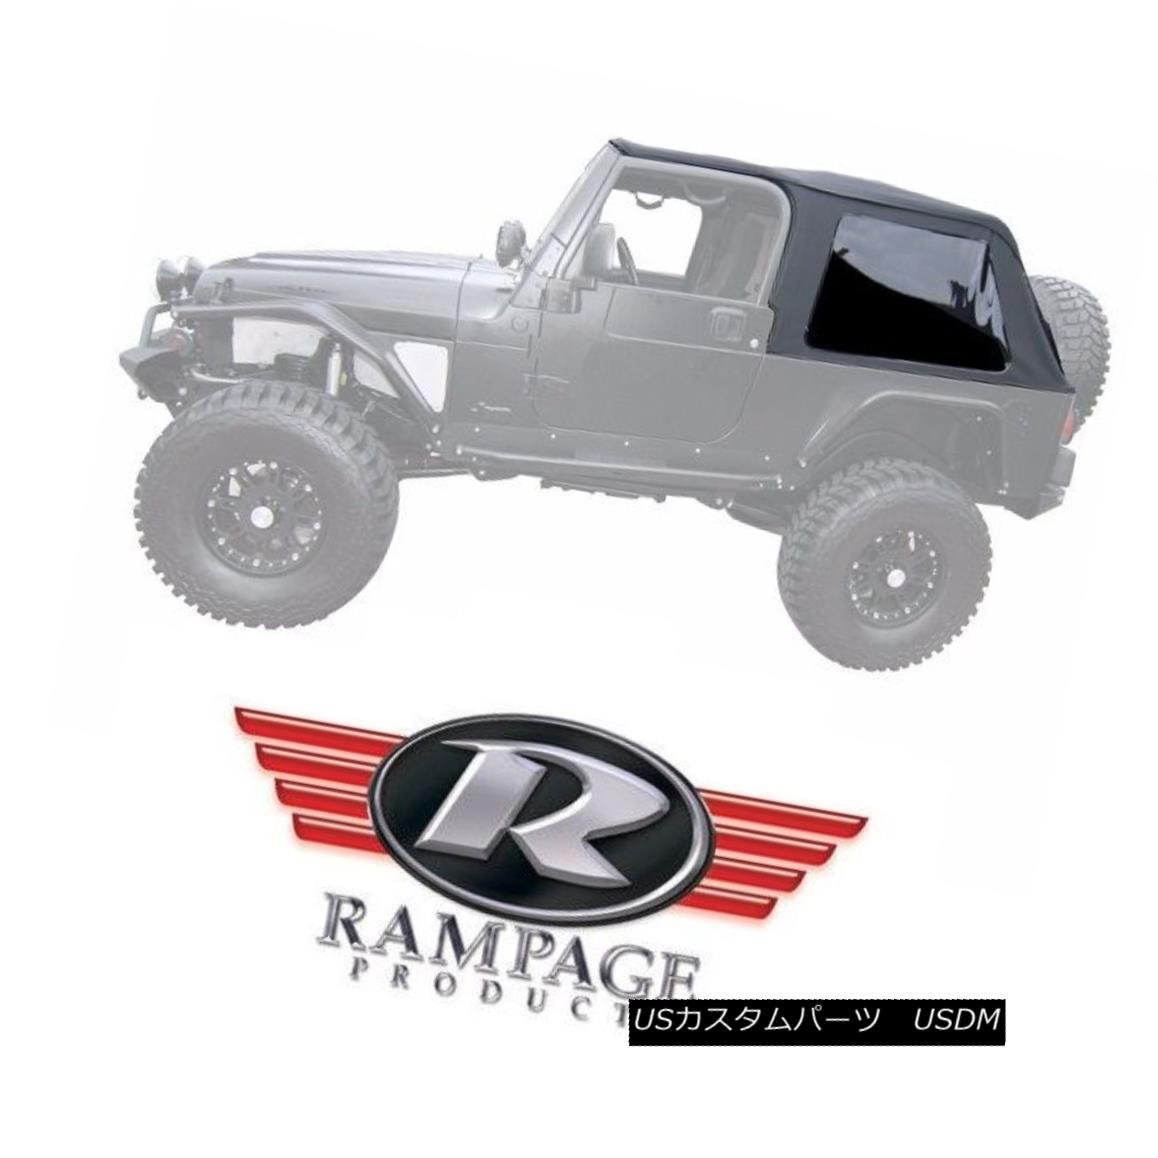 幌・ソフトトップ Rampage Frameless Trail Top w/ Tint fits 04-06 Jeep Wrangler LJ Unlimited 109635 ランペイジ・フレームレス・トレイル・トップ(ティント・フィット)04-06ジープ・ラングラーLJアンリミテッド109635